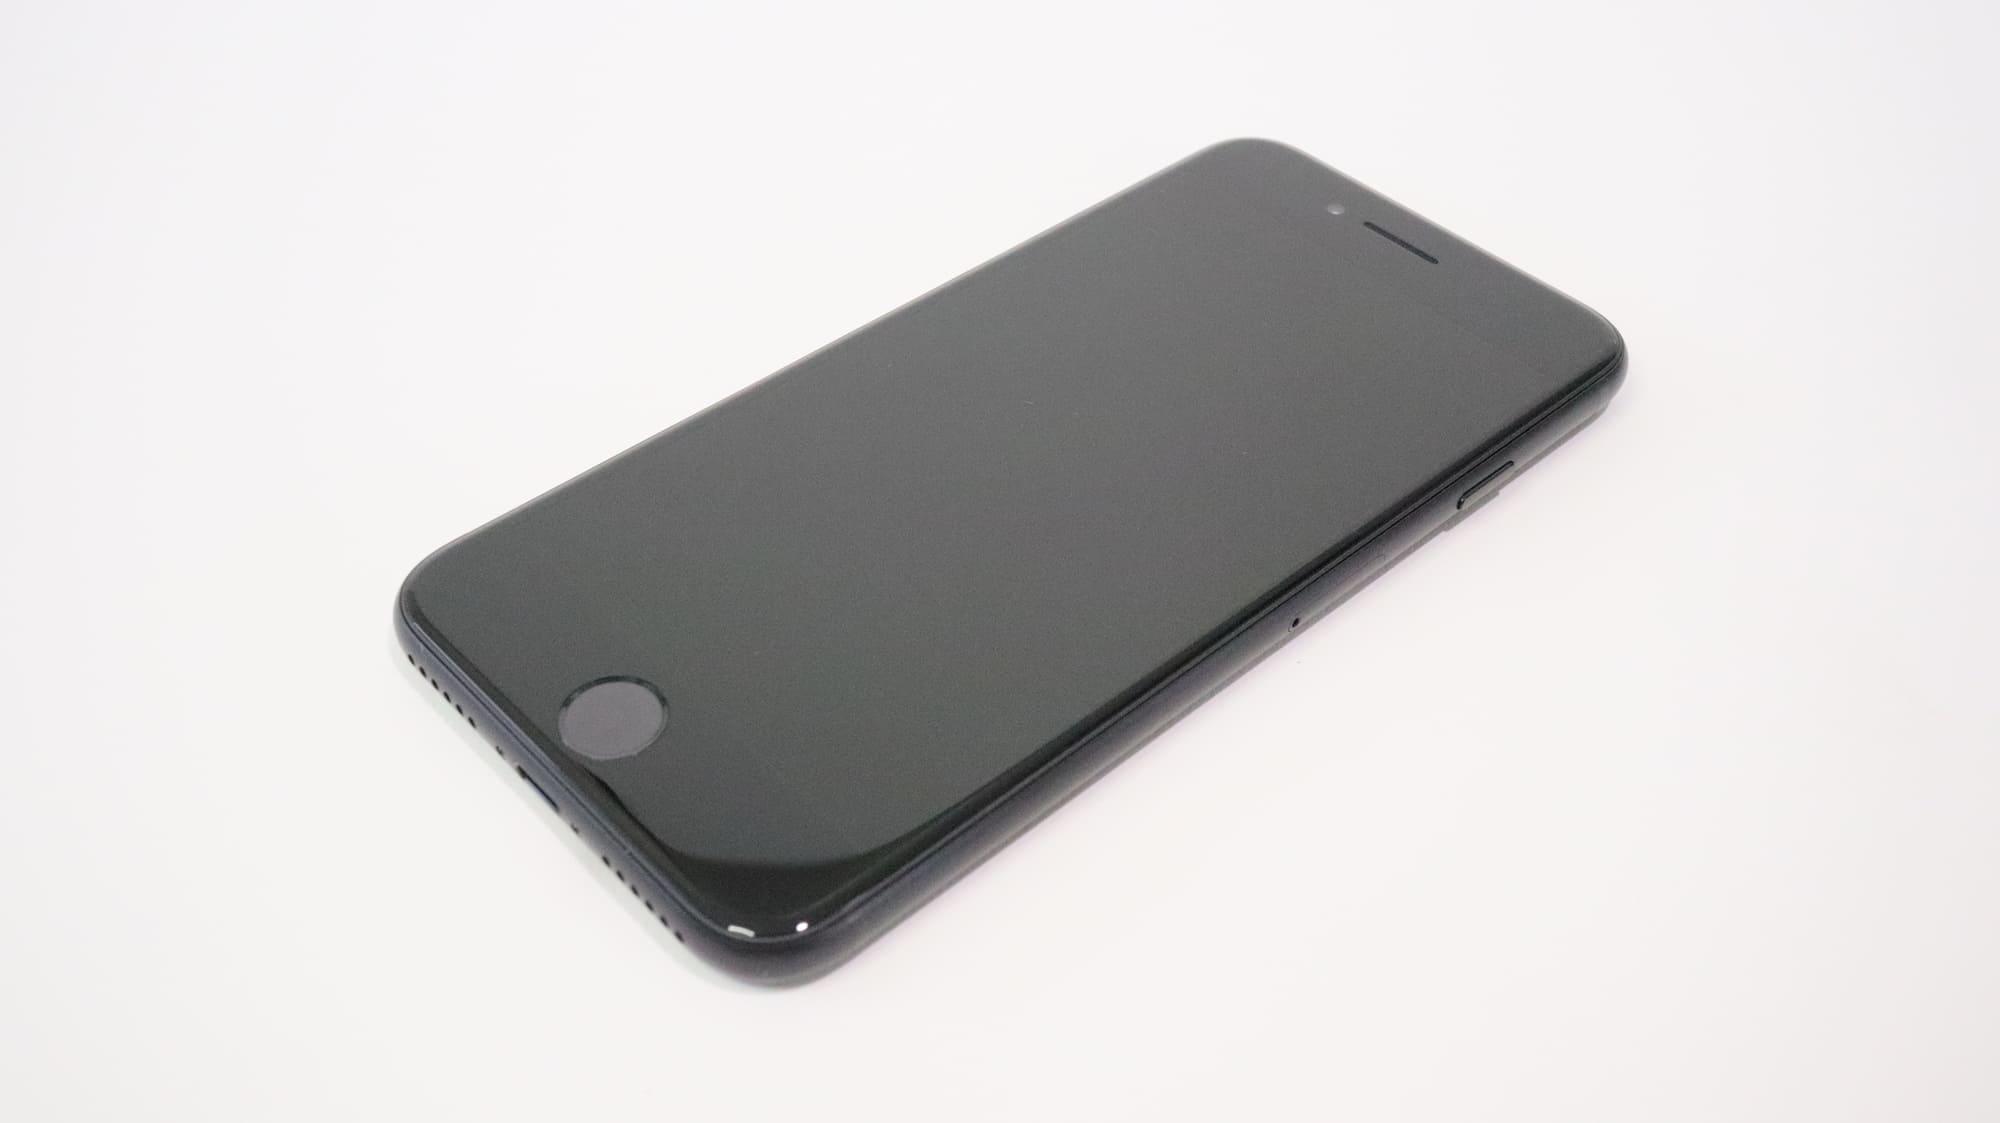 iPhone SEのディスプレイサイズ